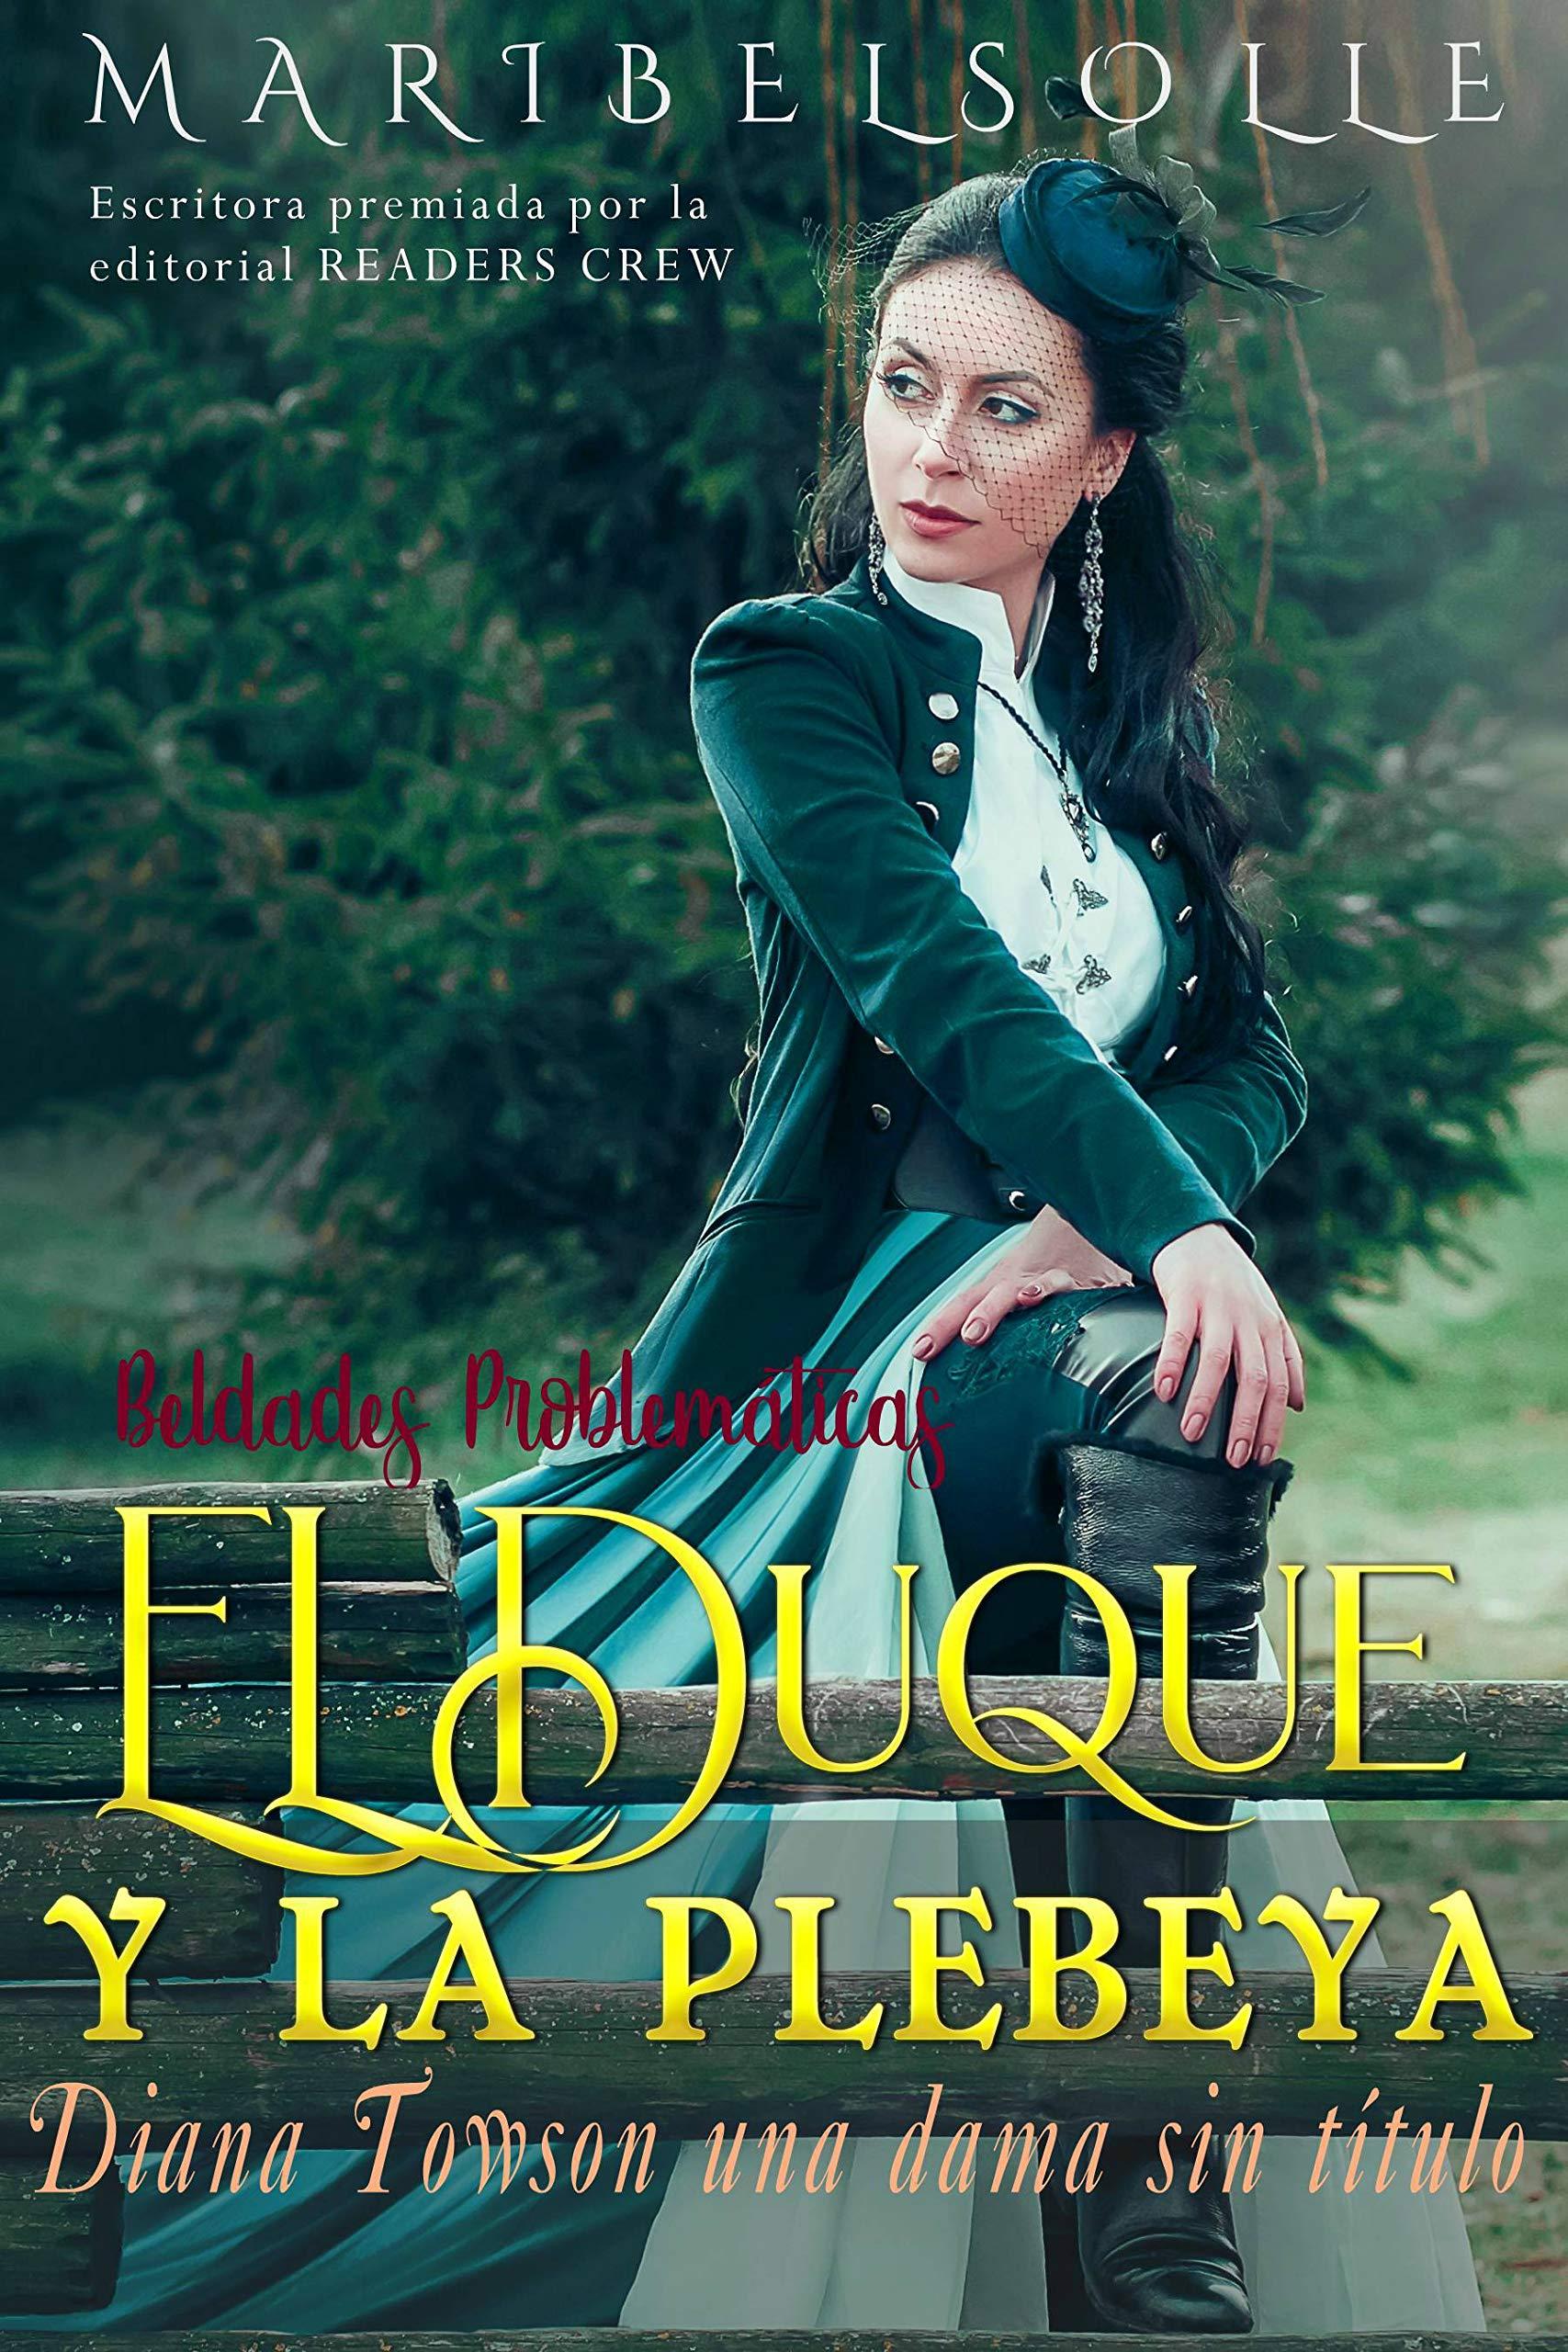 El Duque y la Plebeya: Diana Towson una dama sin titulo (Beldades problemáticas)